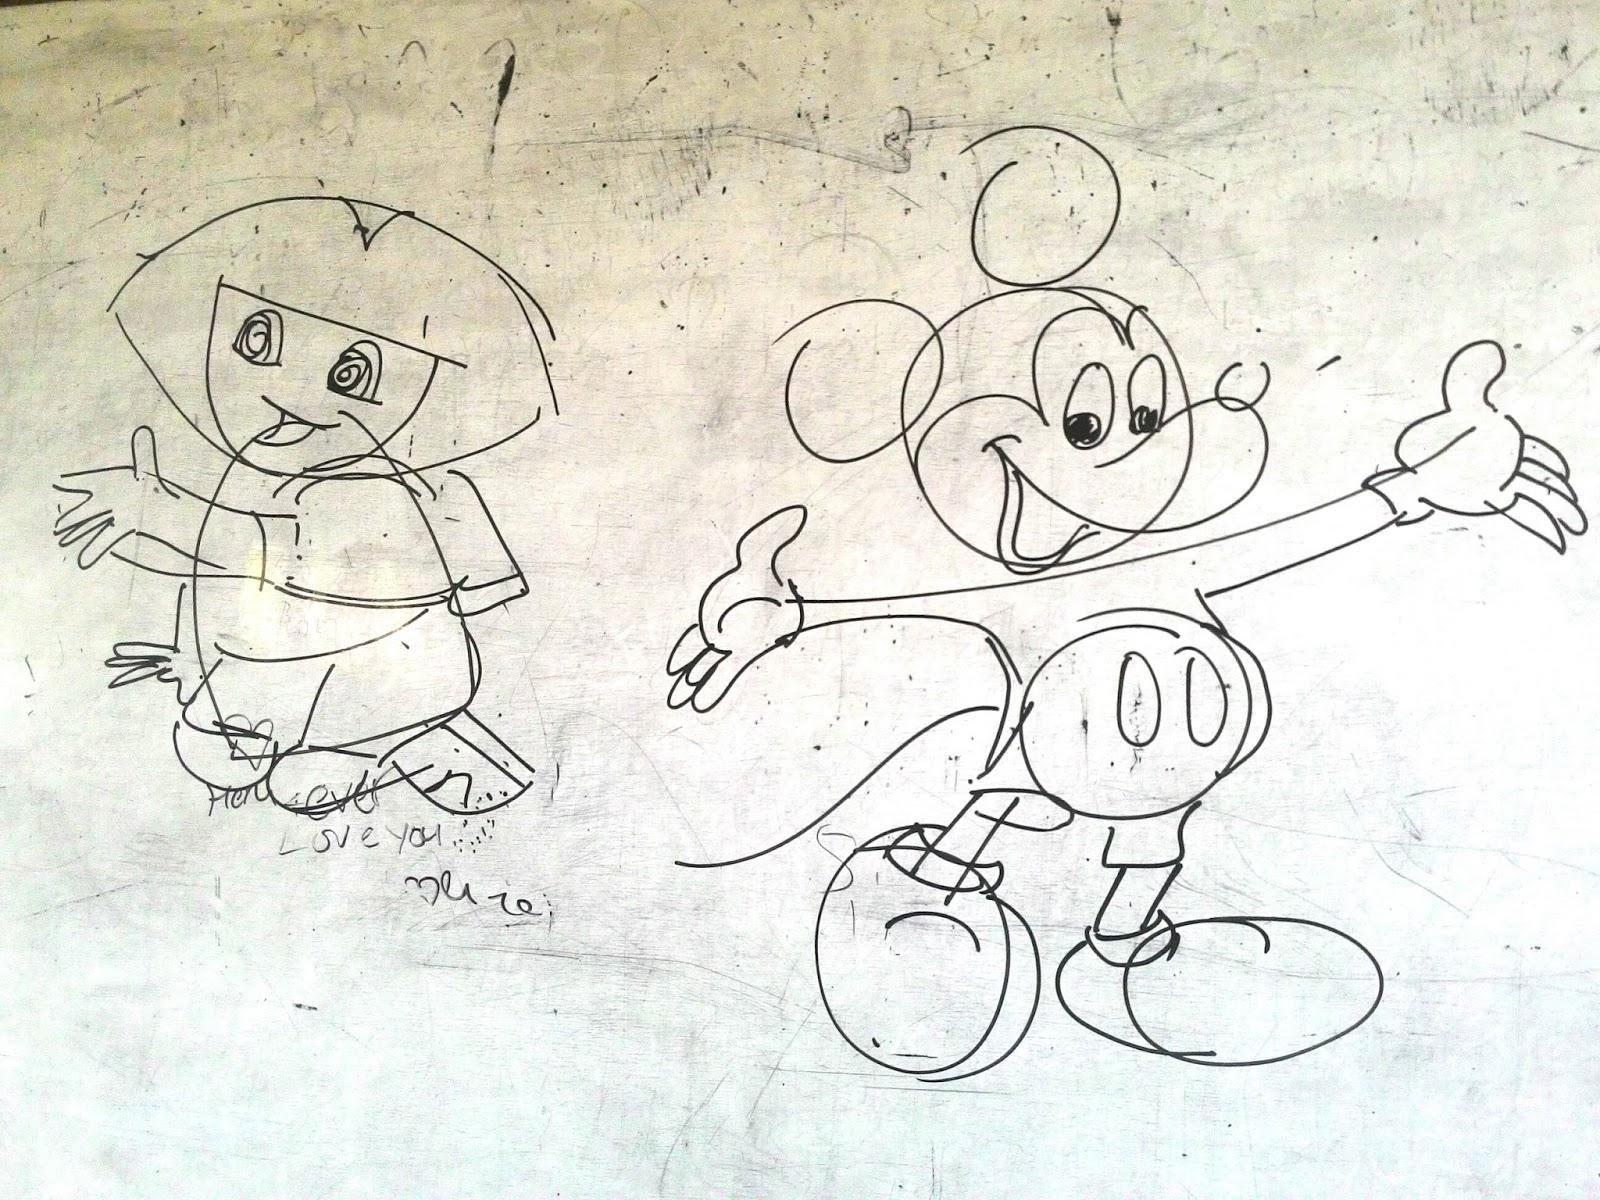 Teknik Menggambar Mickey Mouse Dan Dora Seni Budaya Gambar